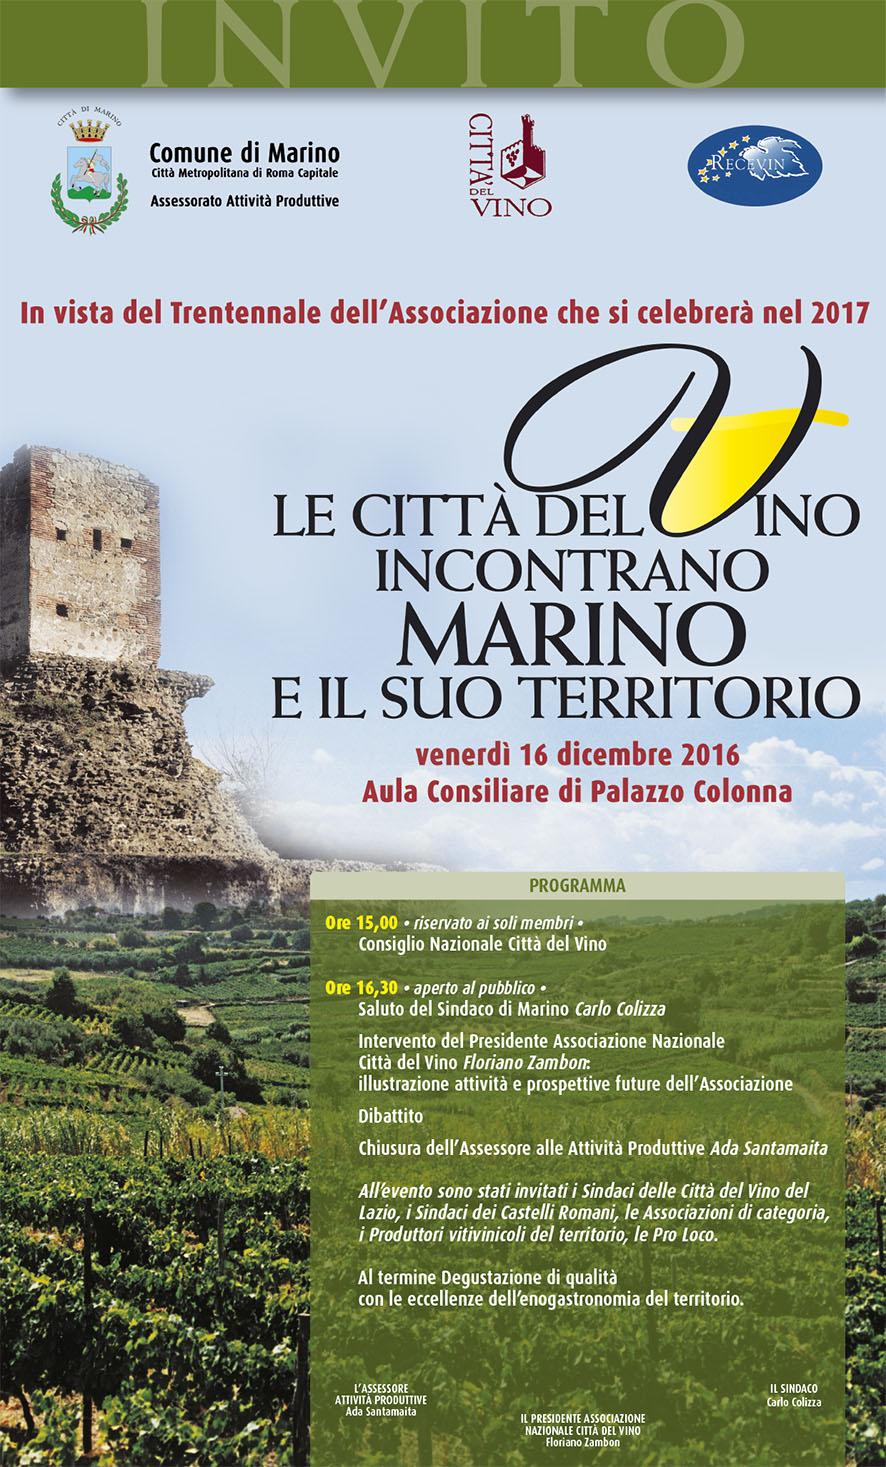 Marino, Città del Vino riunisce il Consiglio Nazionale